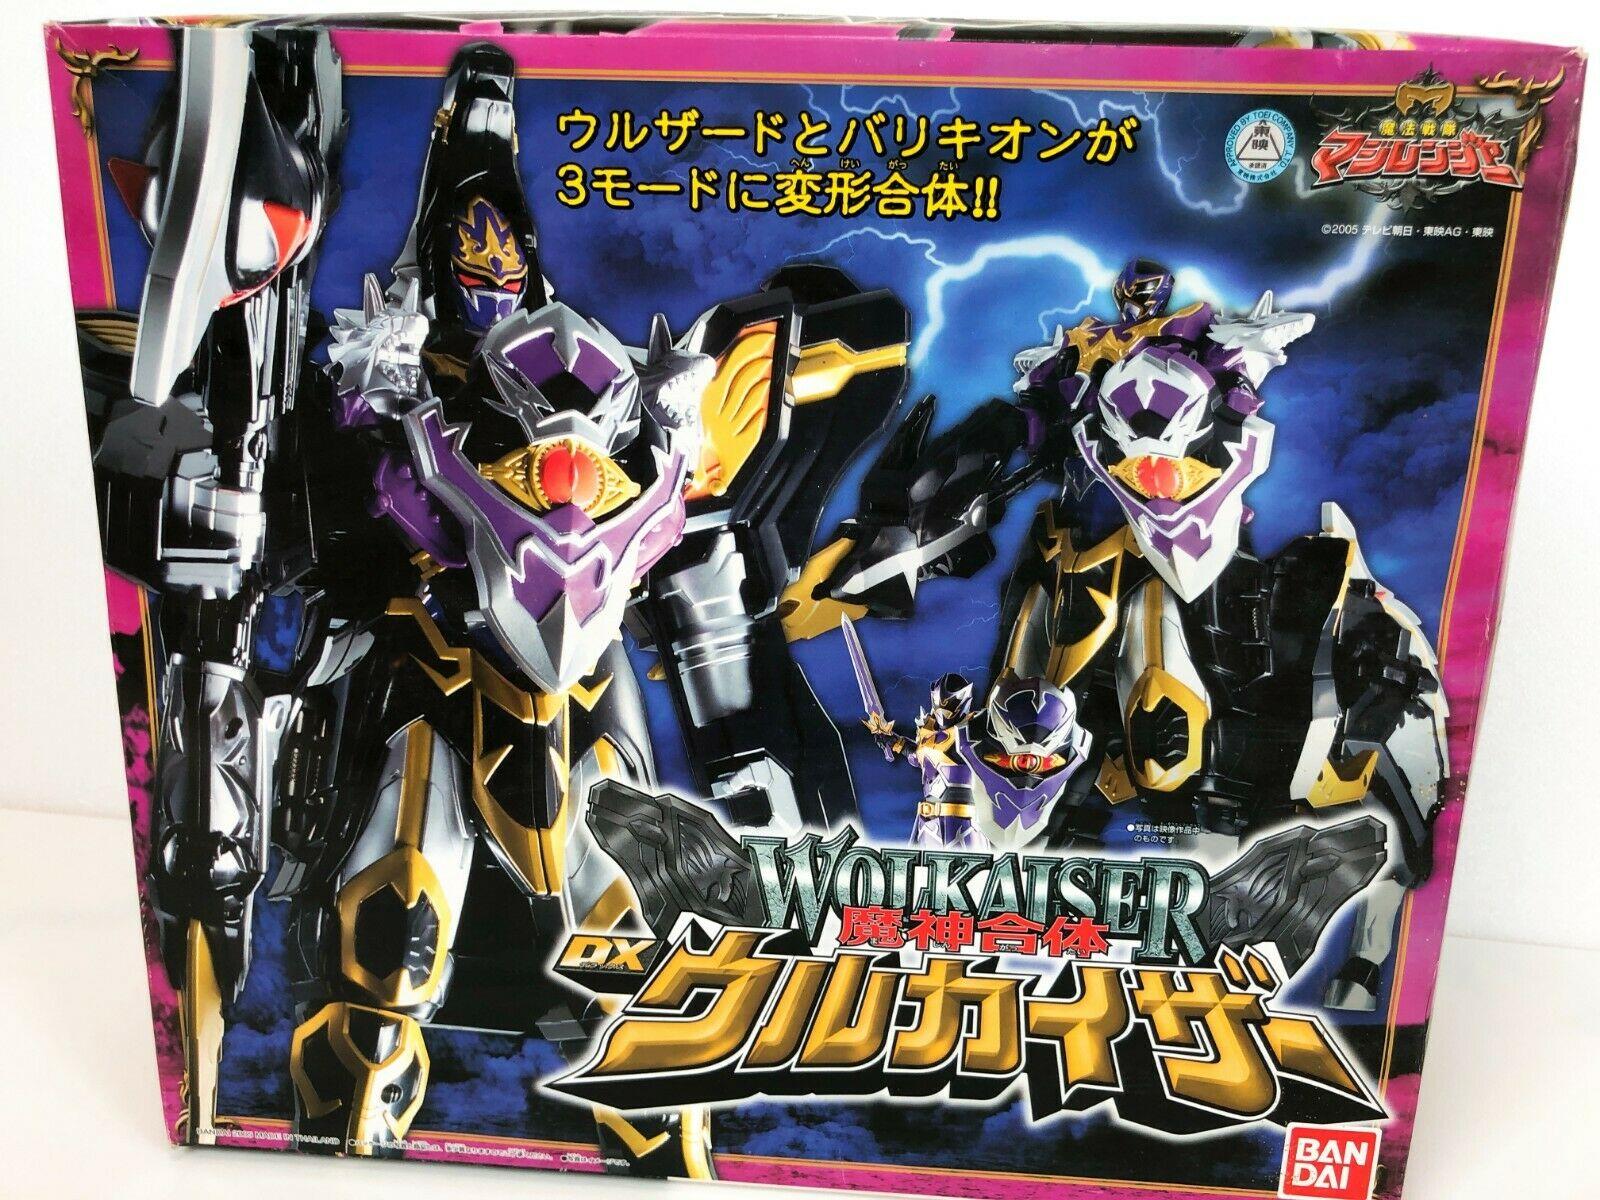 Power Rangers Mystic Force Magiranger Wolf King Wolkaiser Megazord 1600x1200